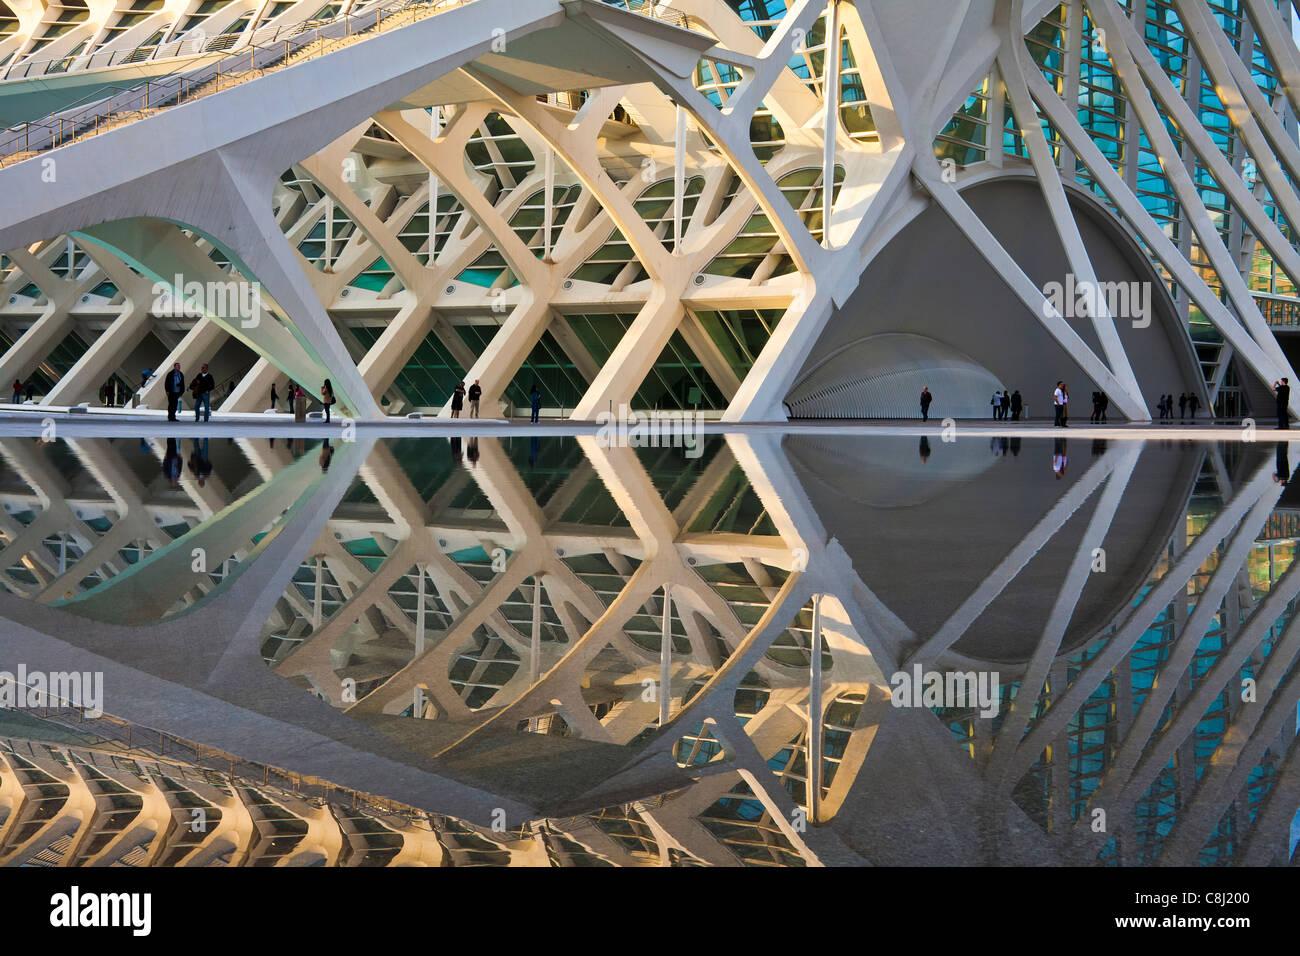 España, Europa, Valencia, Ciudad de las Artes y las Ciencias, Calatrava, la arquitectura moderna, Imagen De Stock